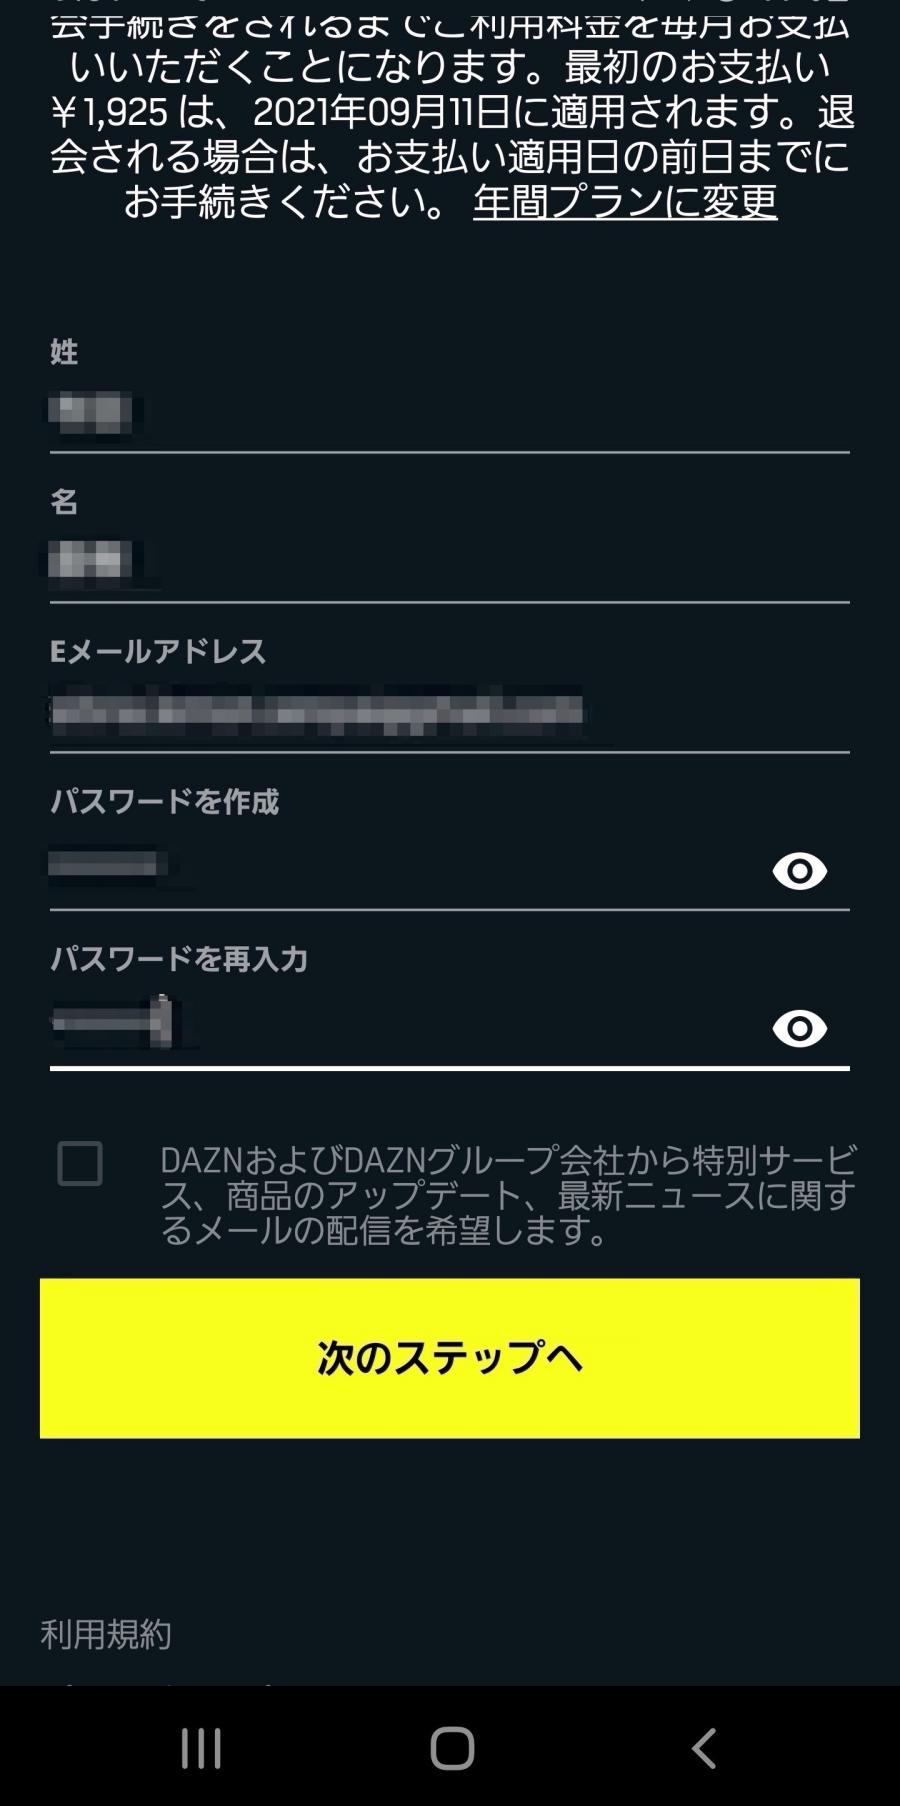 アカウント作成画面